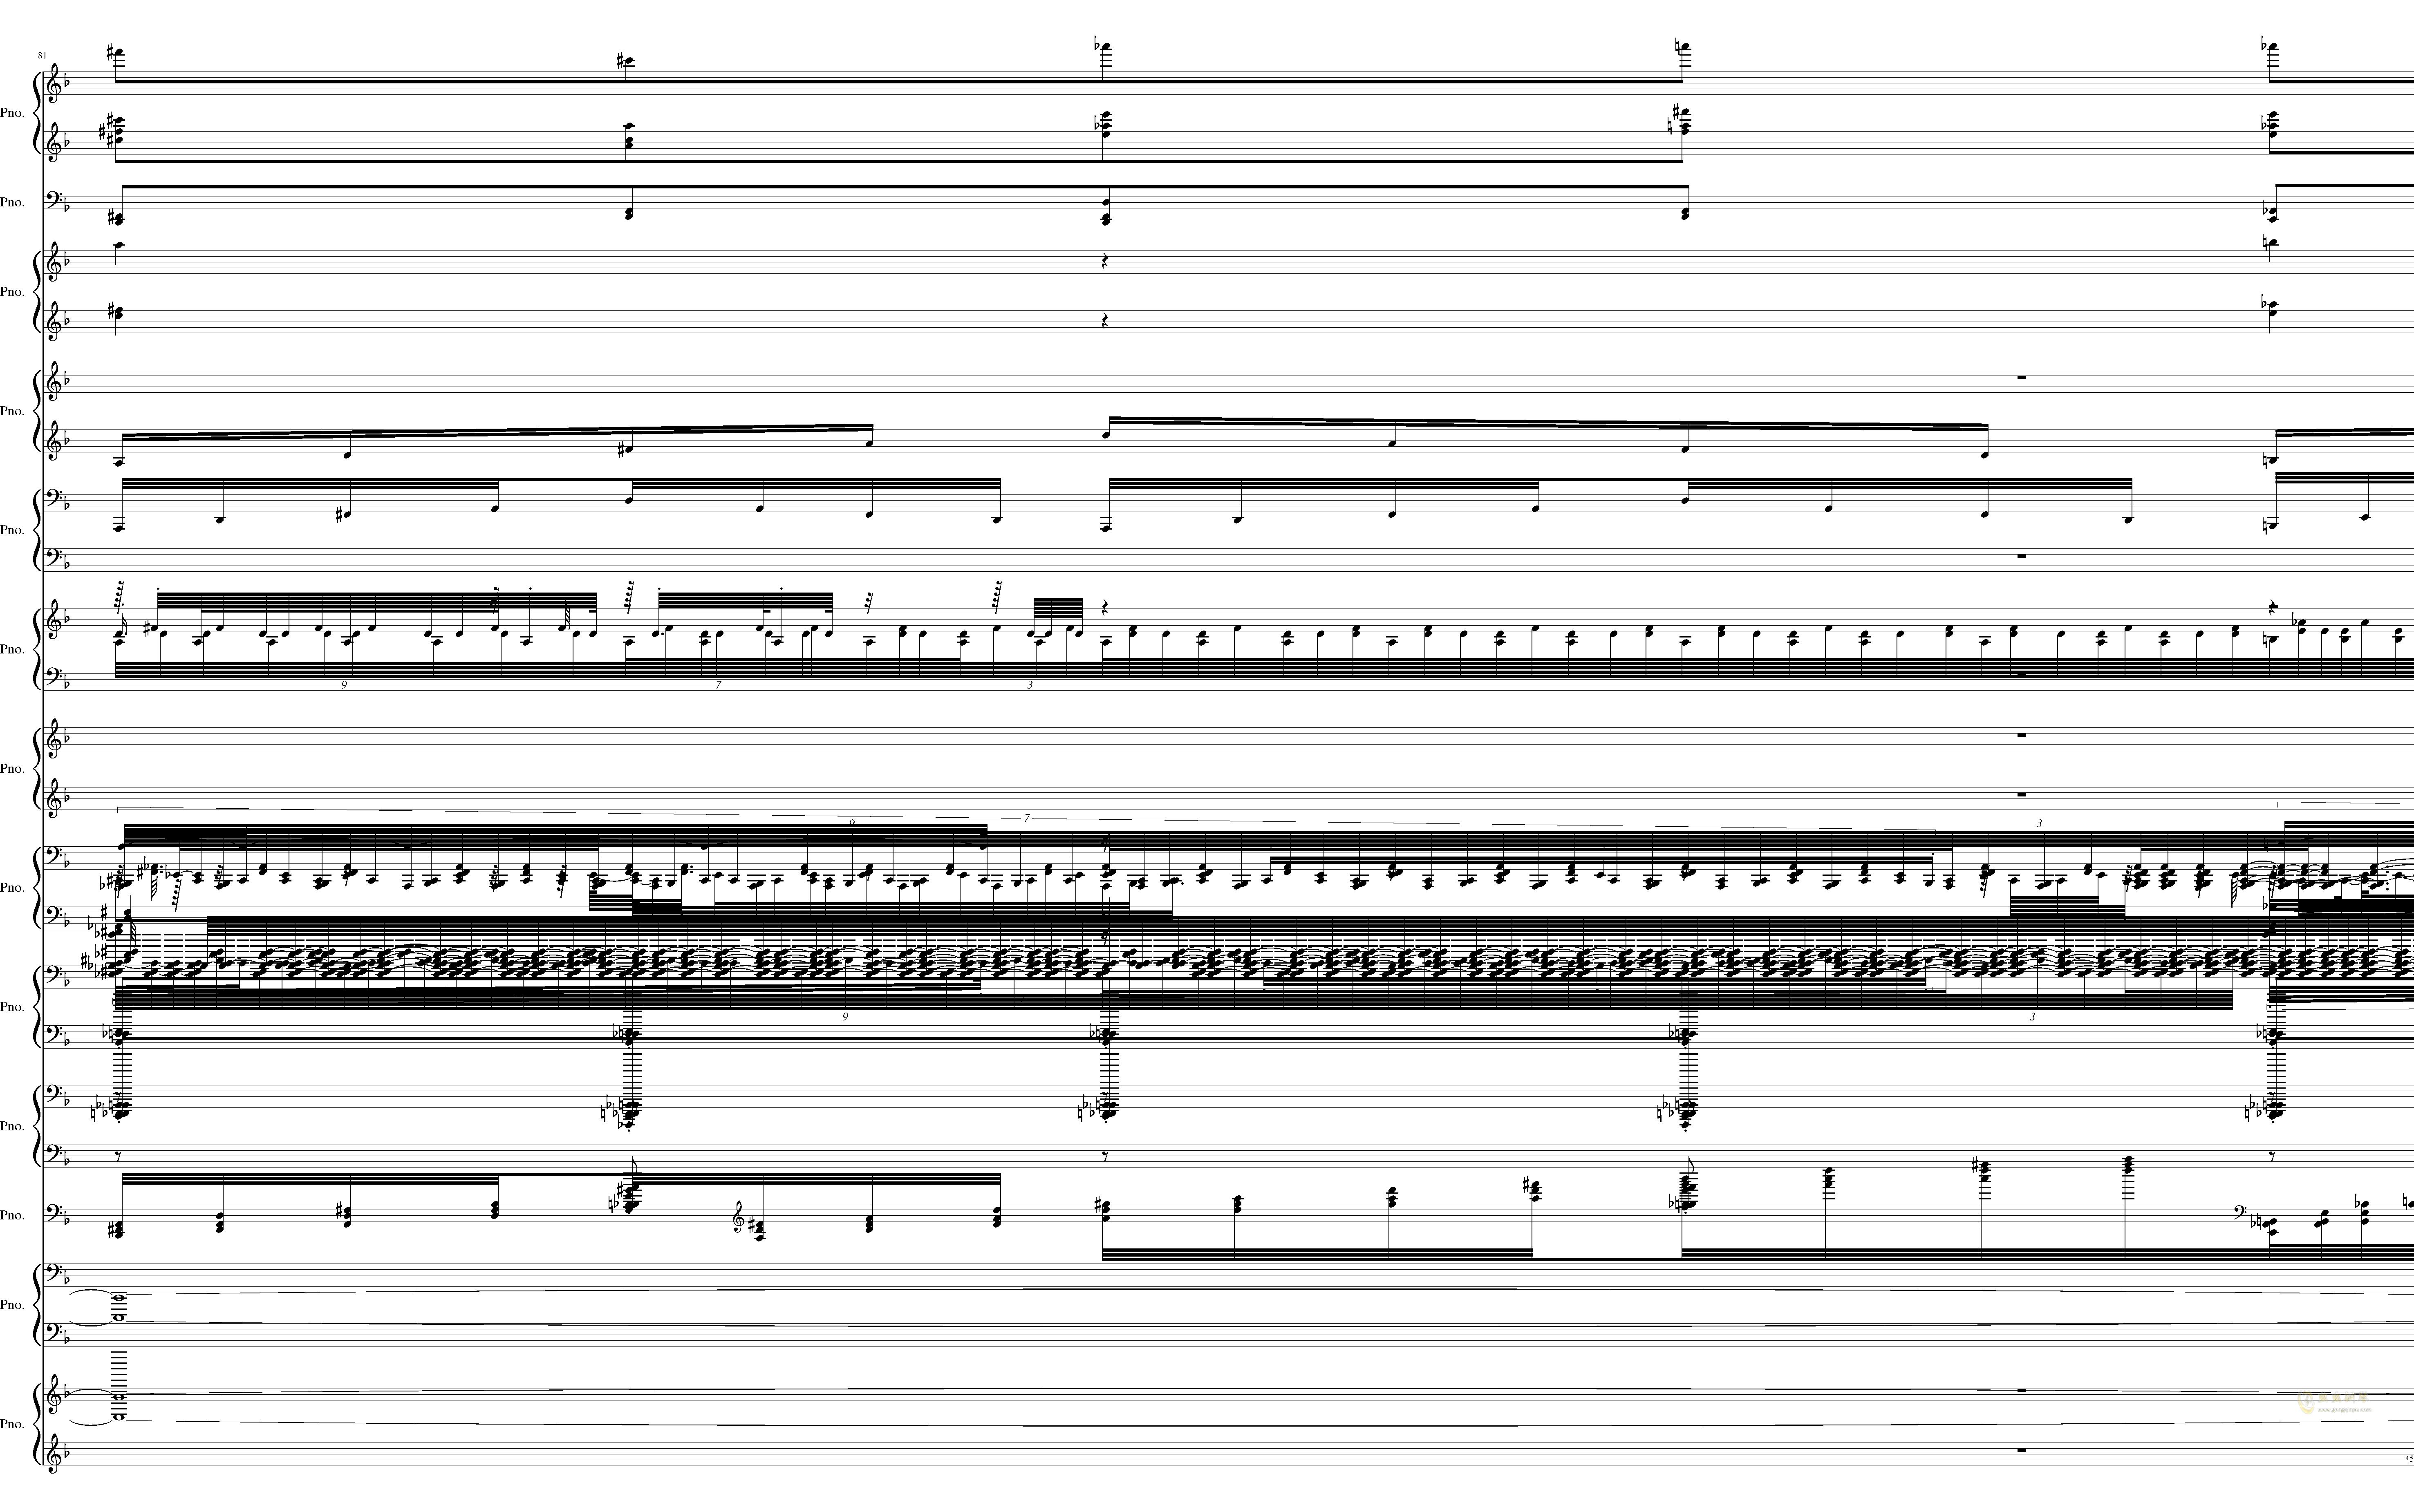 U.N. Owen was Her钢琴谱 第45页